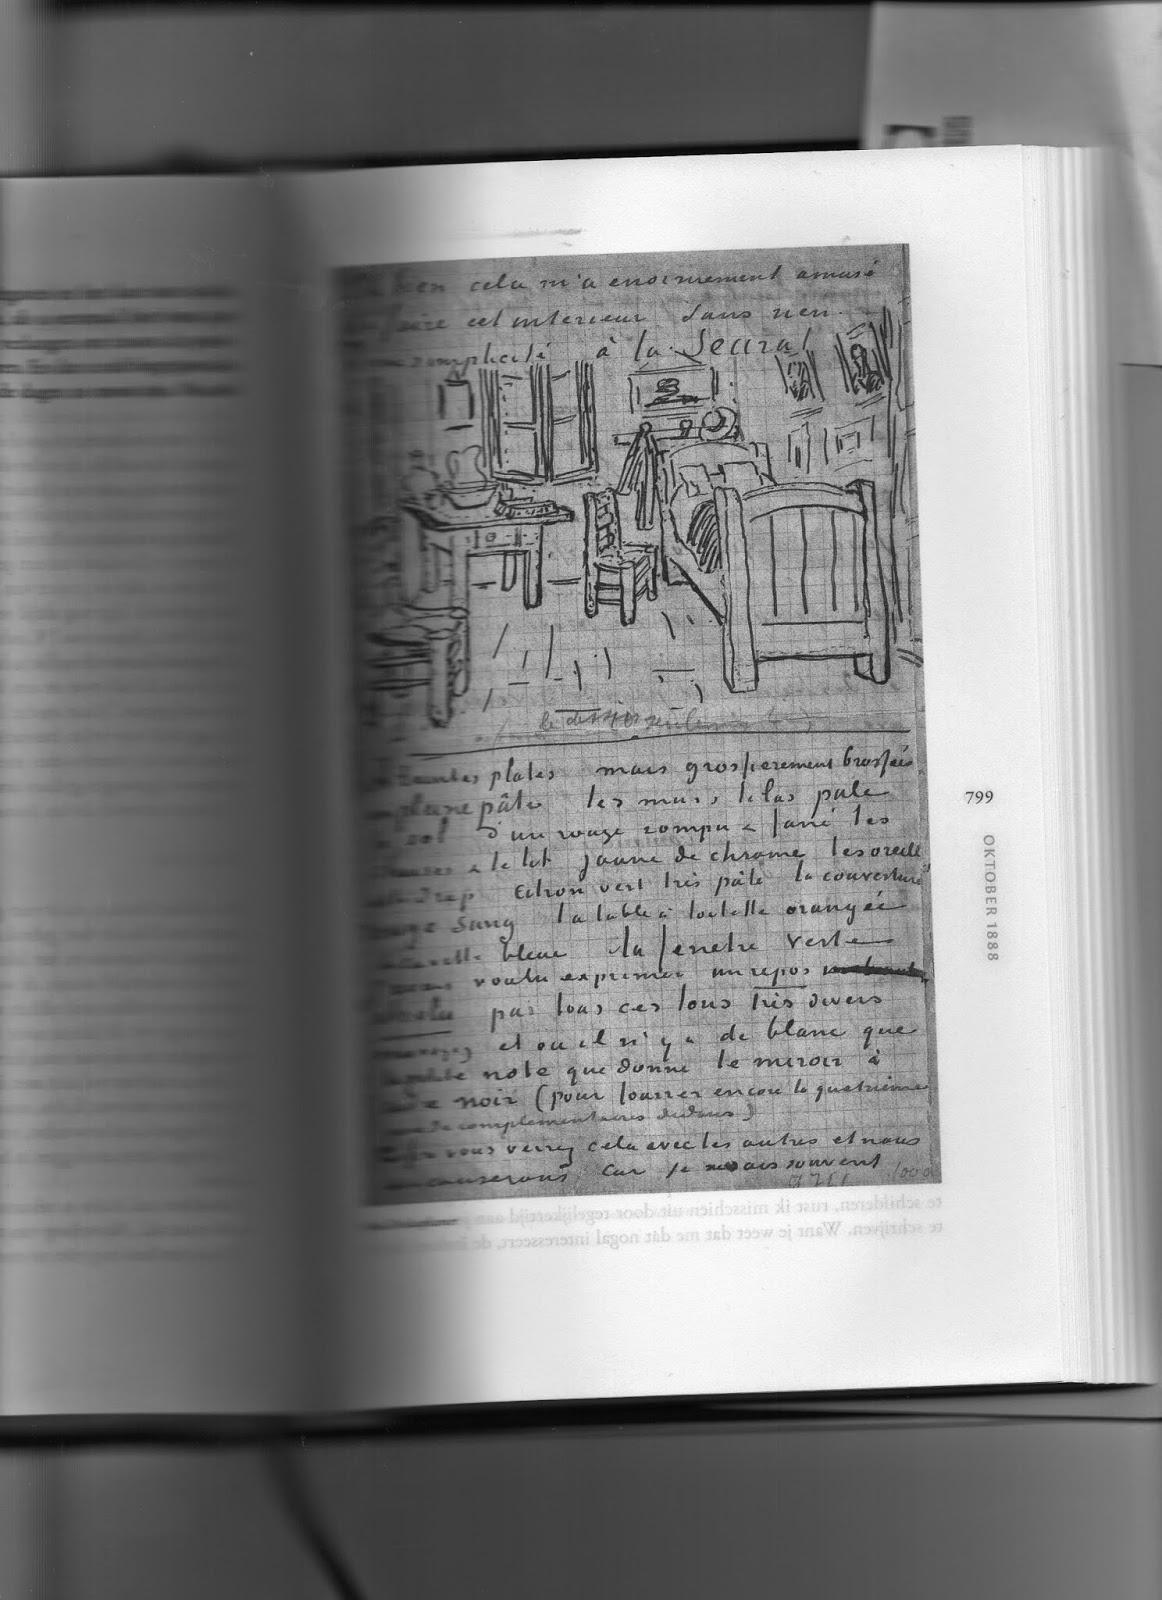 Vincent van Gogh, Schets van zijn slaapkamer, geschetst in brief 706 ...